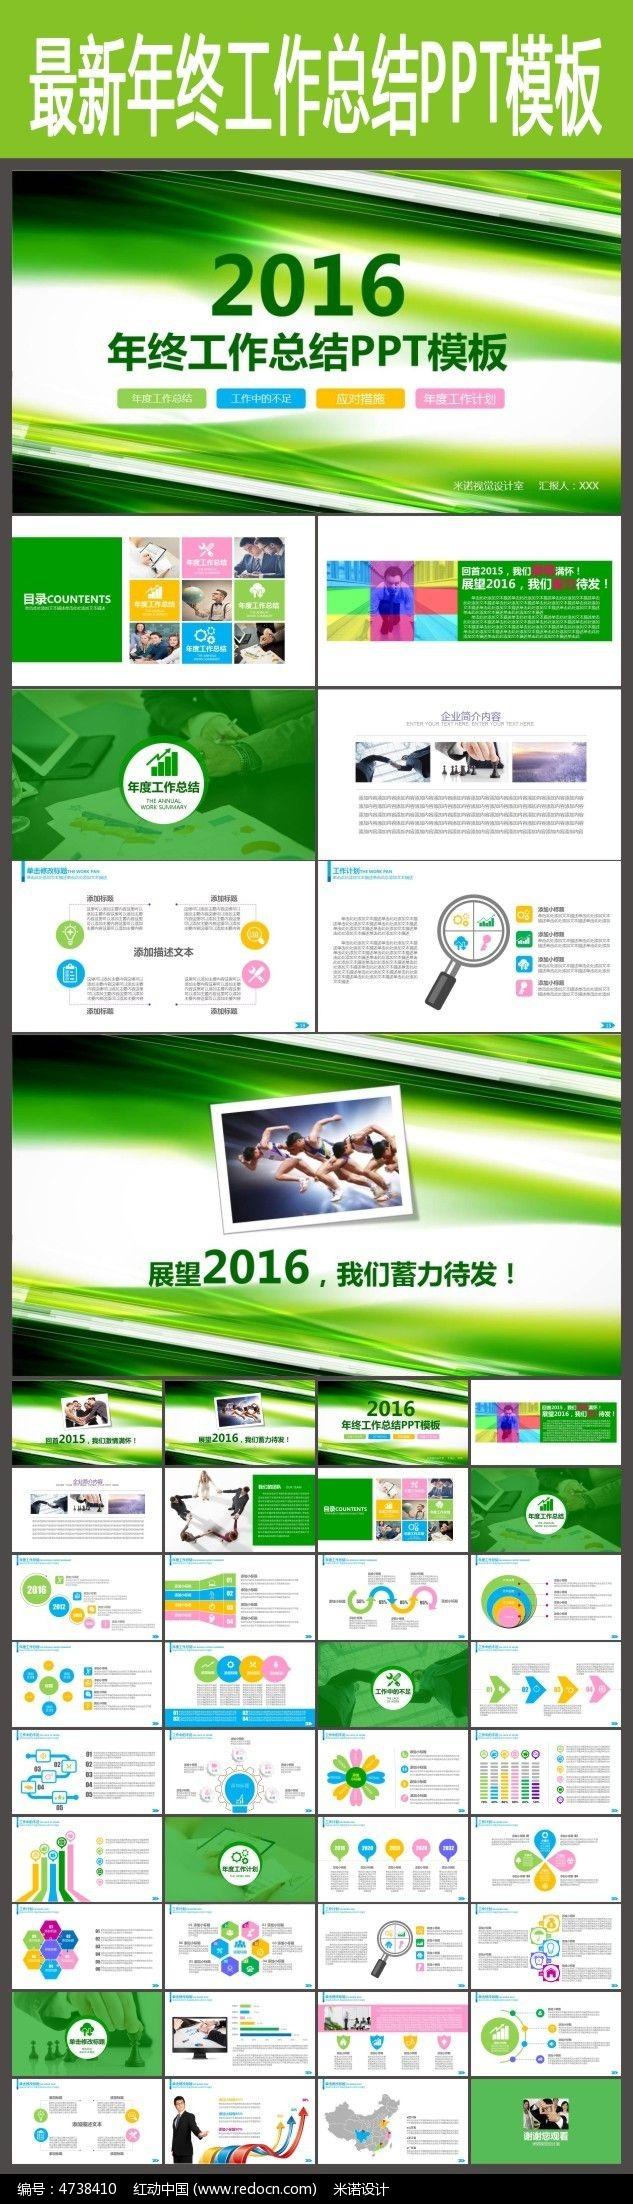 绿色简约年终工作报告总结ppt模板